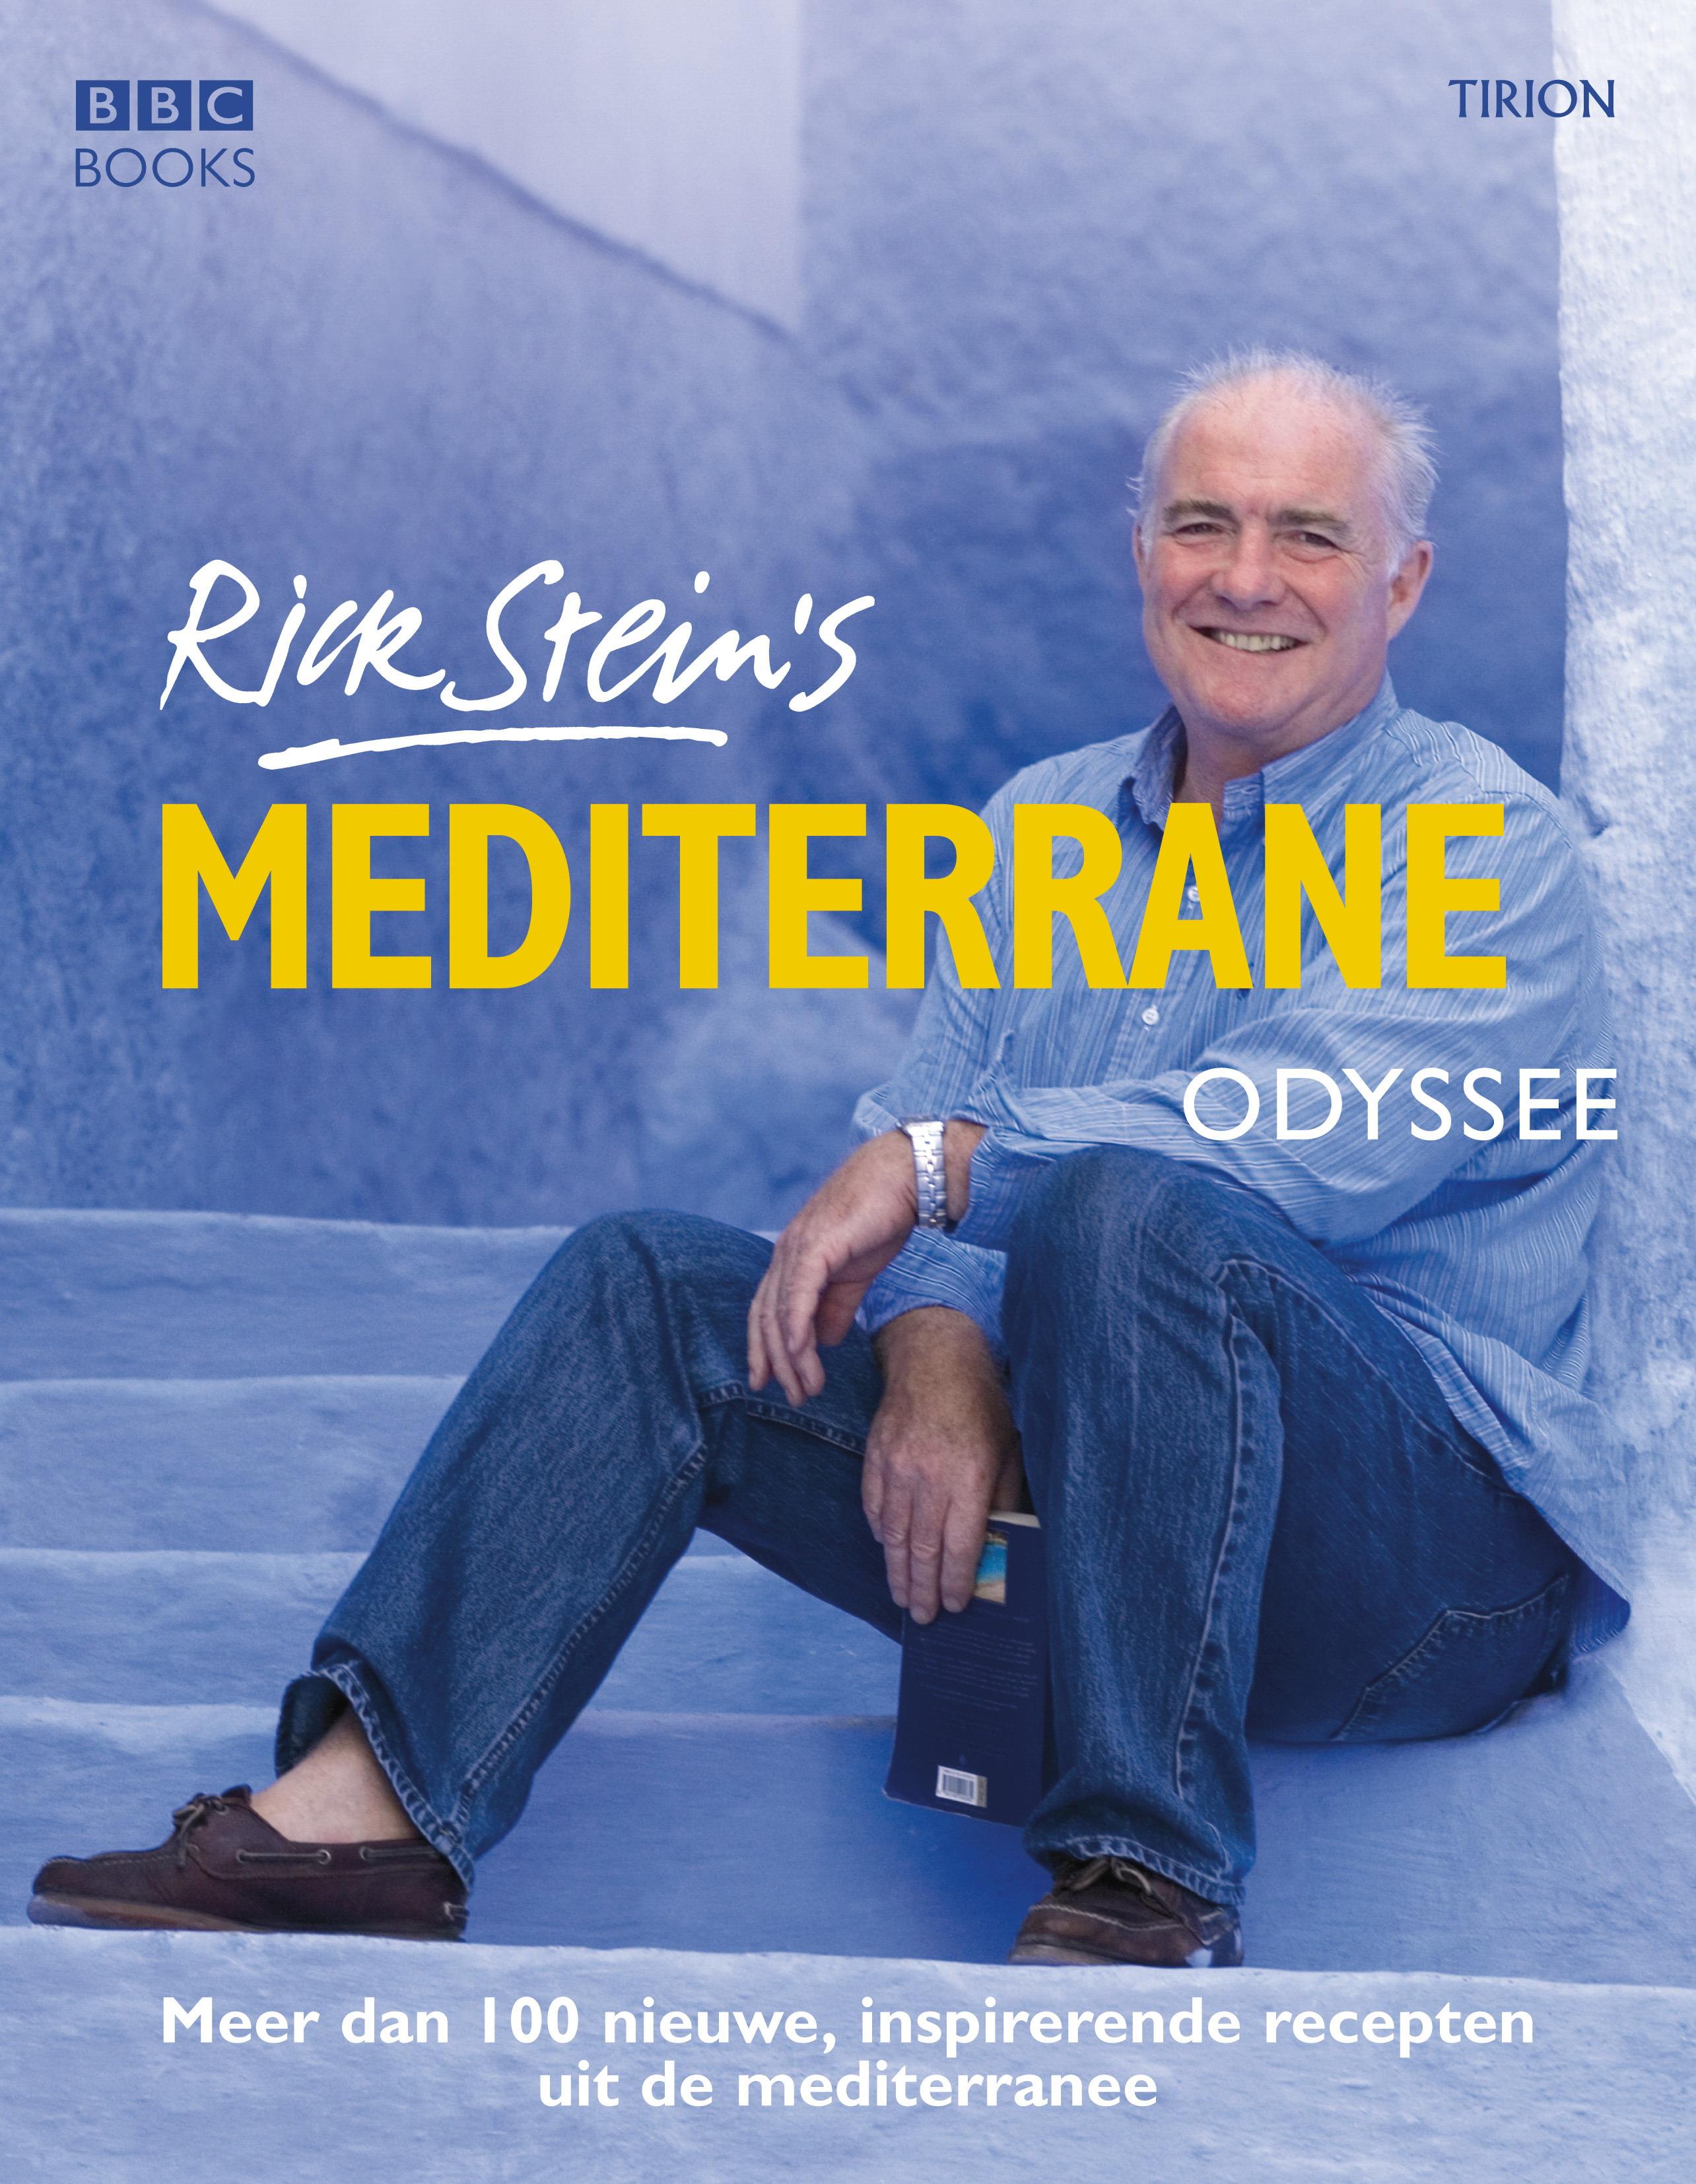 Rick Stein's Mediterrane